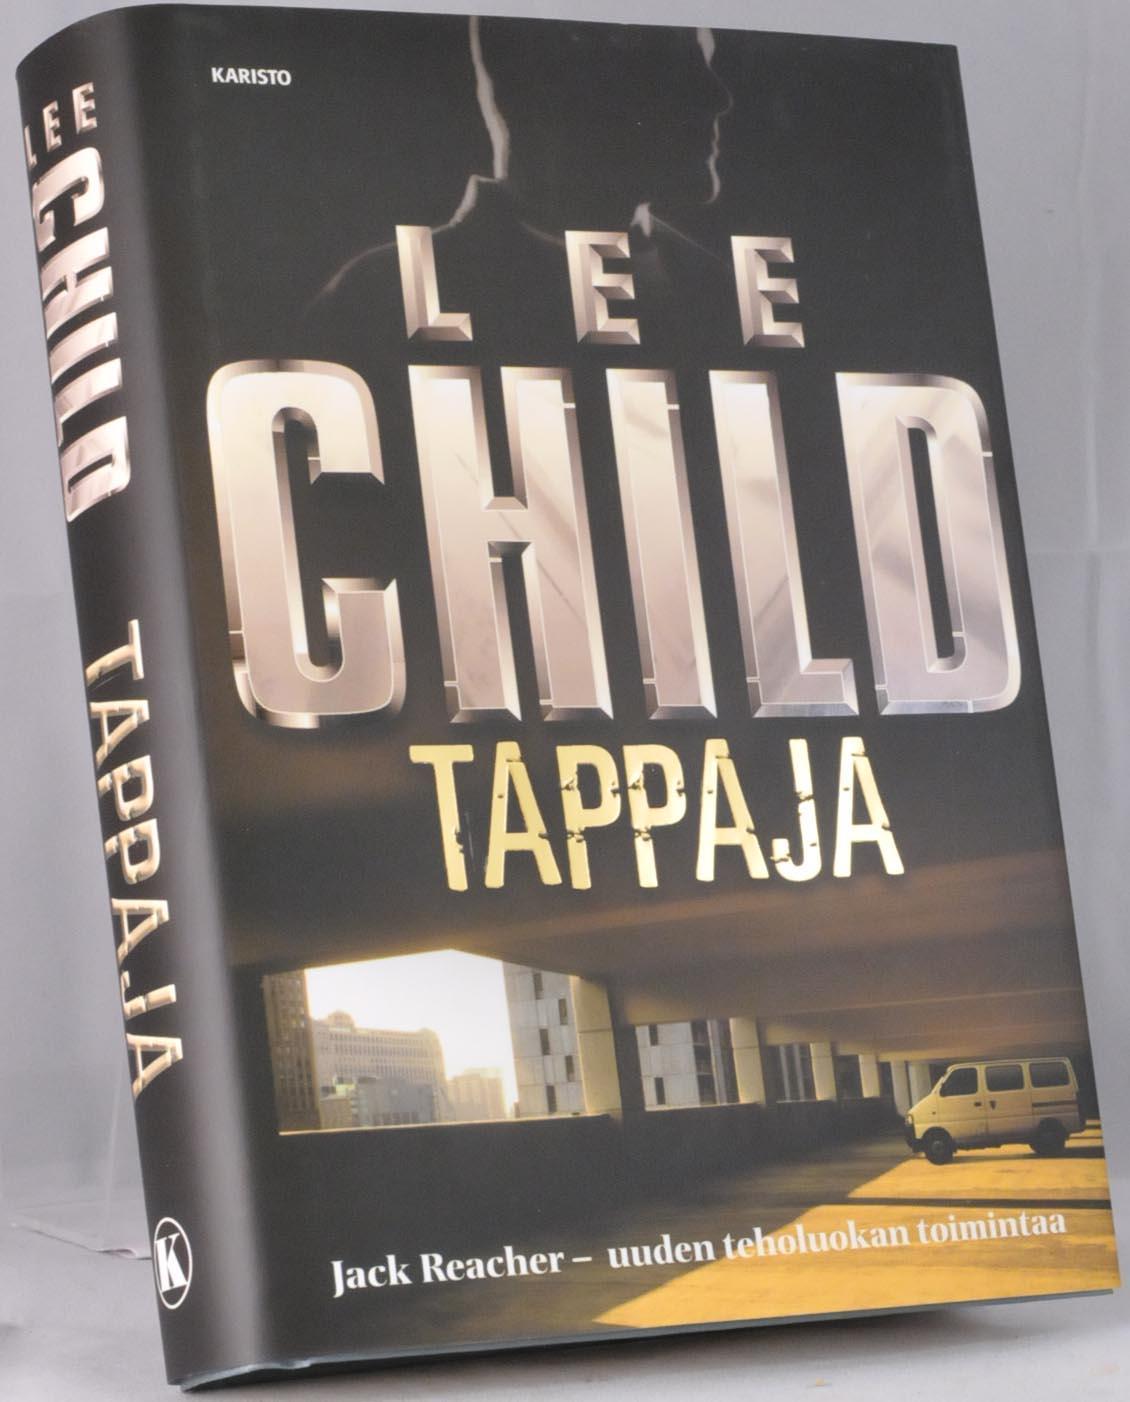 Tappaja - Child Lee tuotekuva